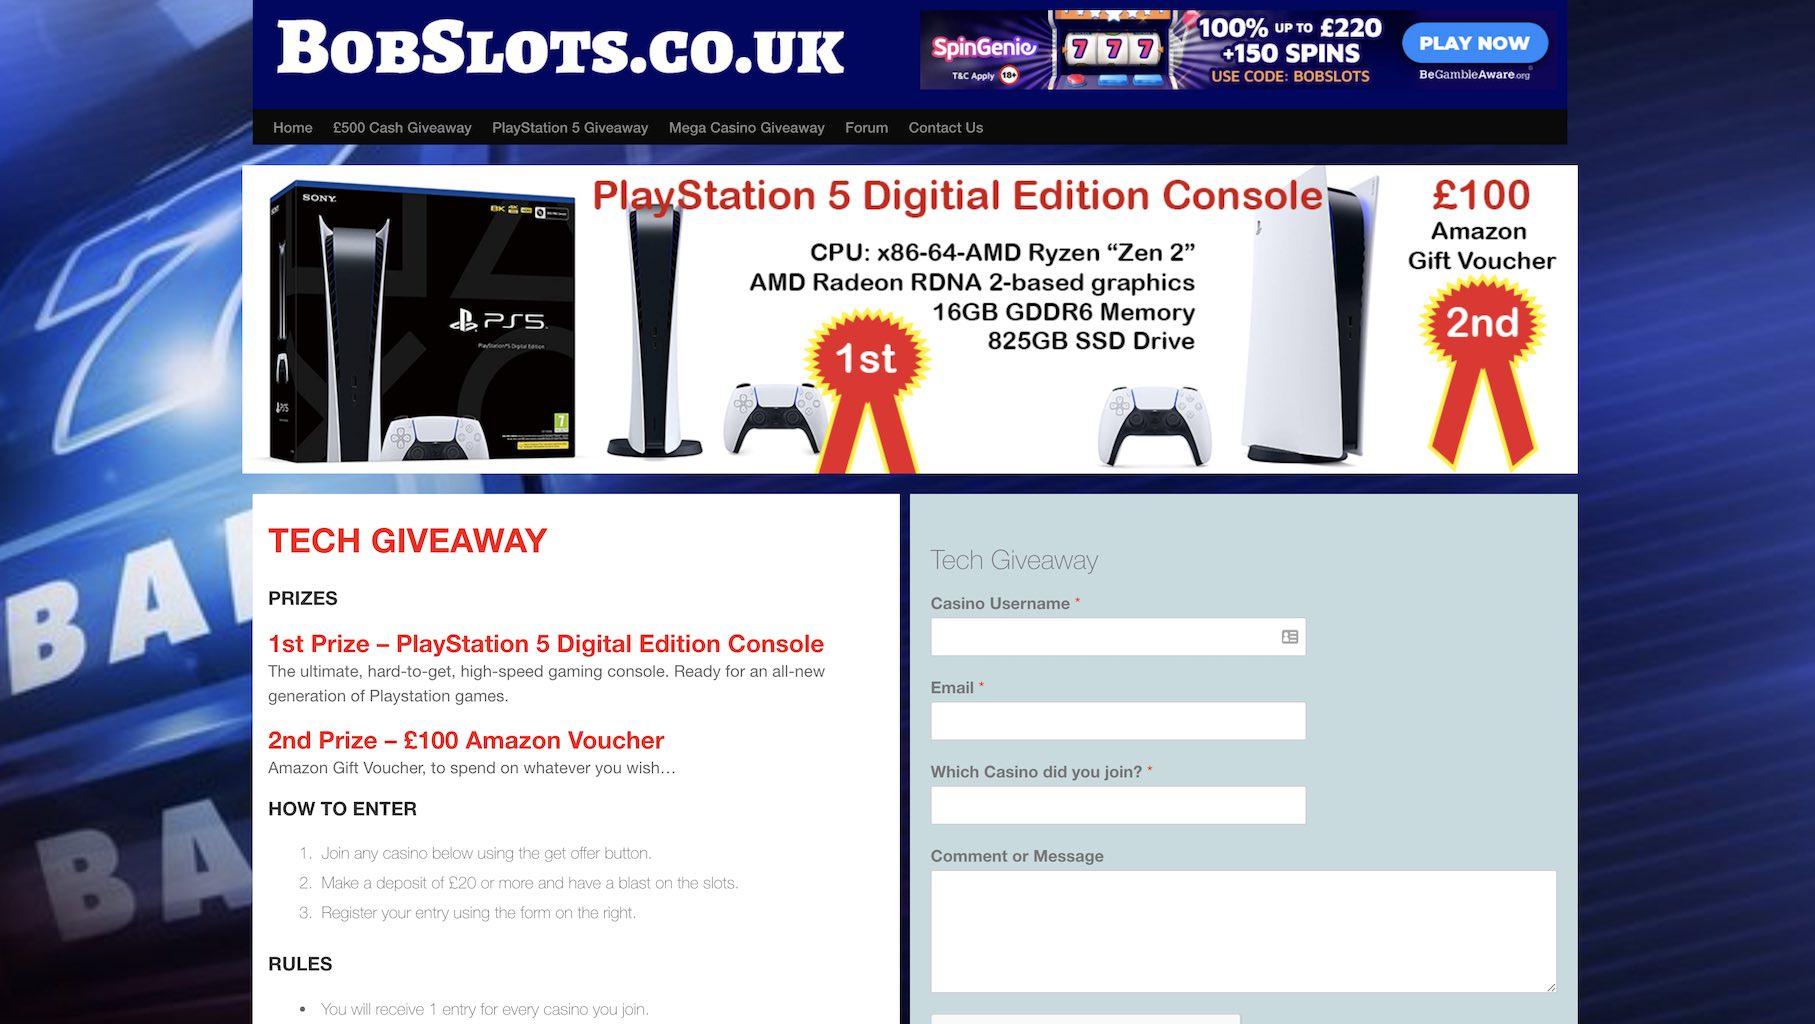 bob slots website